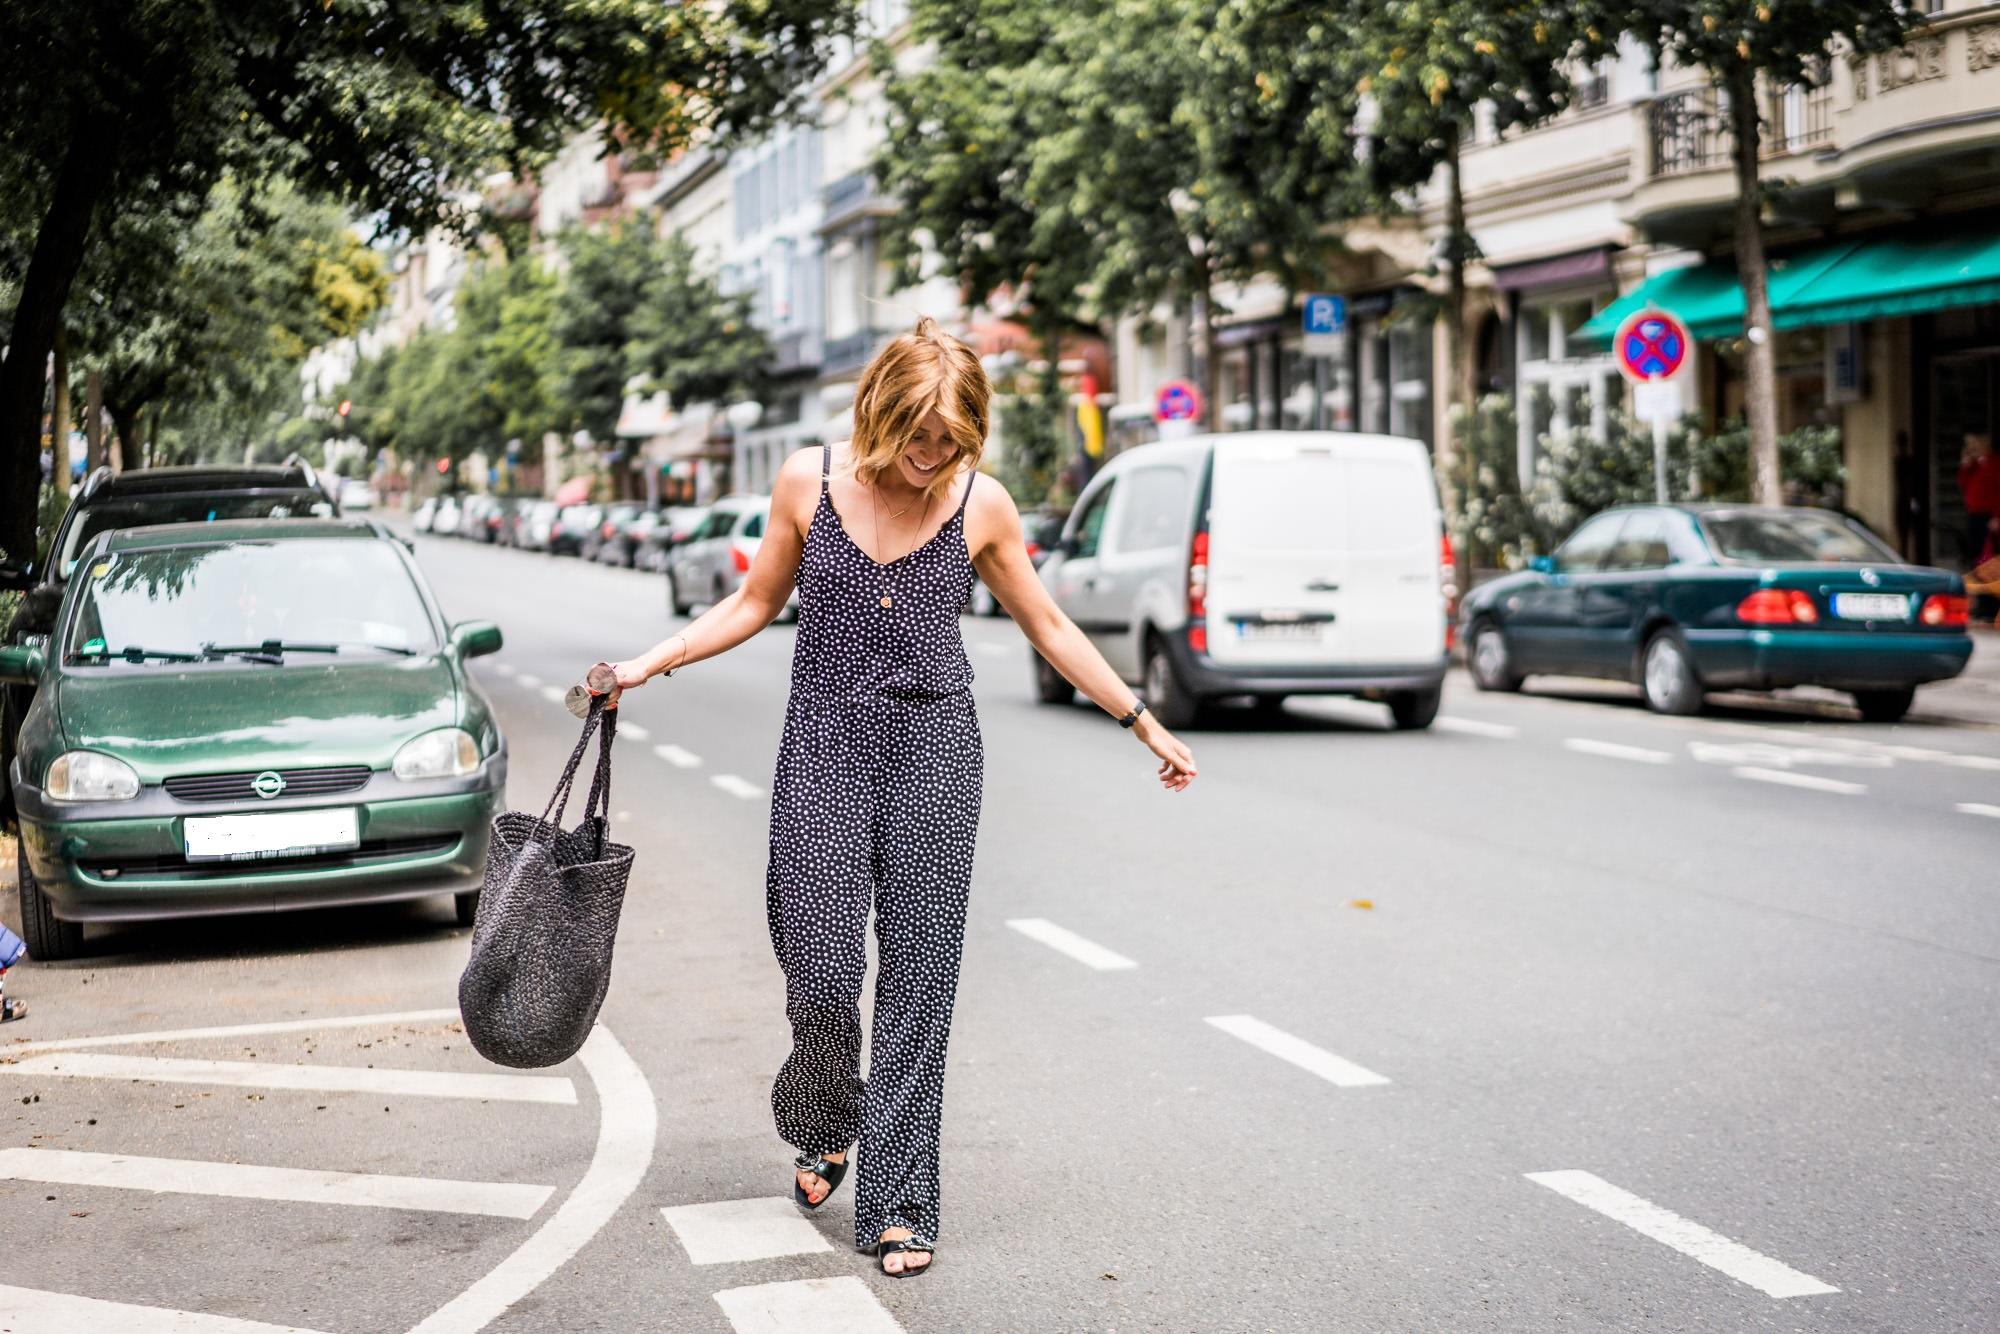 Uff den Punkt gebracht: Schicker Polka Dot-Jumpsuit auf der Taunusstraße